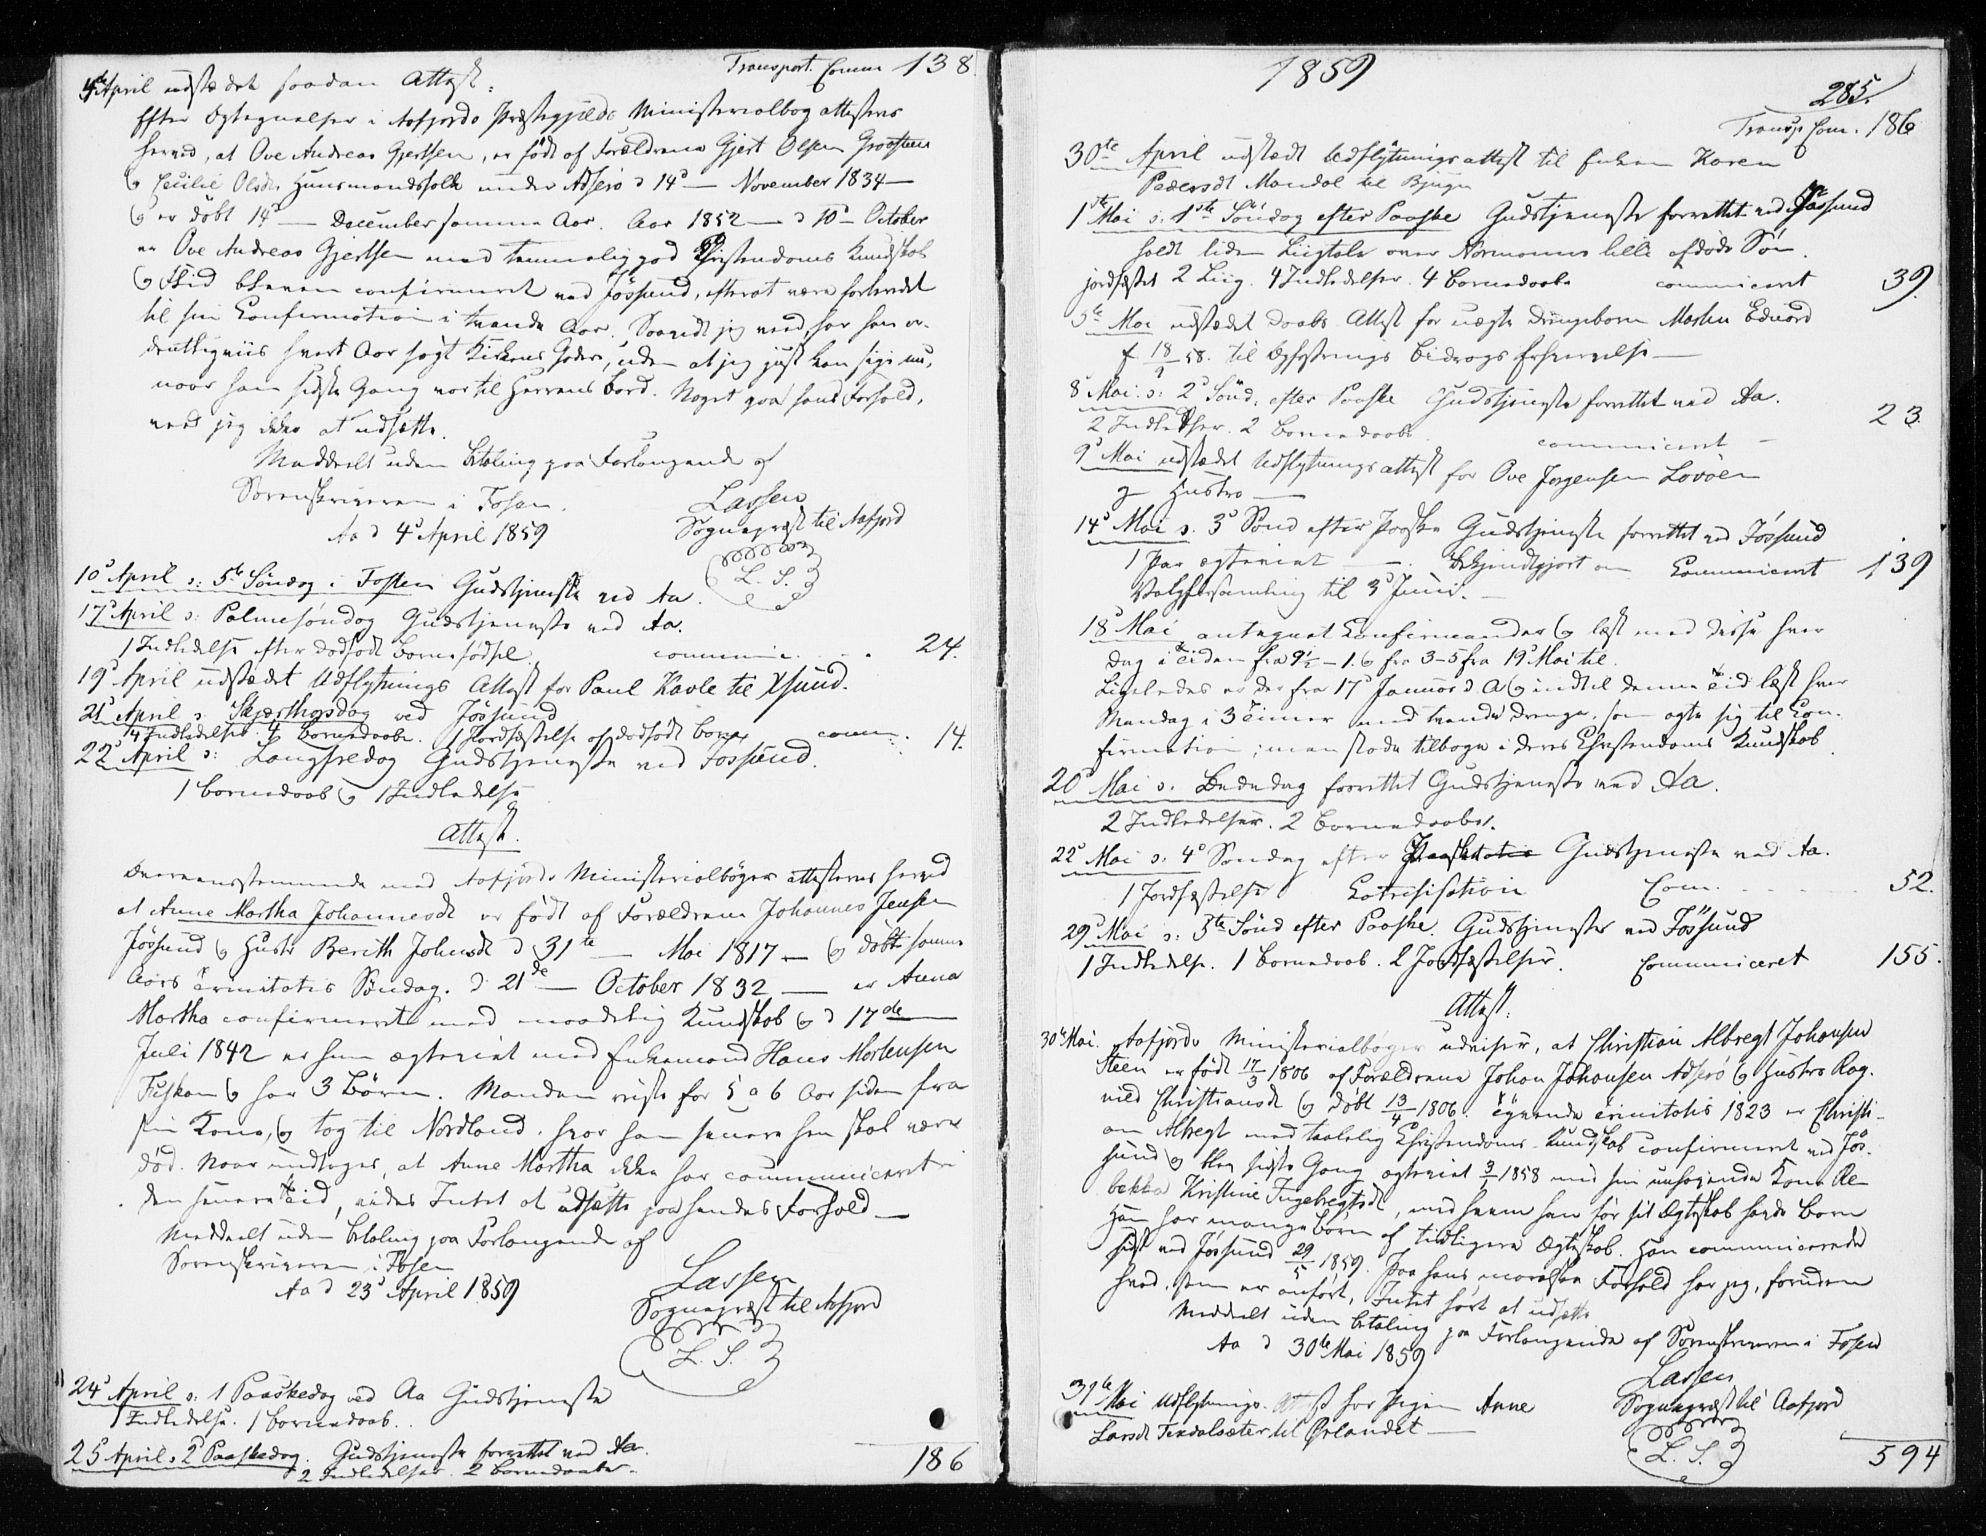 SAT, Ministerialprotokoller, klokkerbøker og fødselsregistre - Sør-Trøndelag, 655/L0677: Ministerialbok nr. 655A06, 1847-1860, s. 285